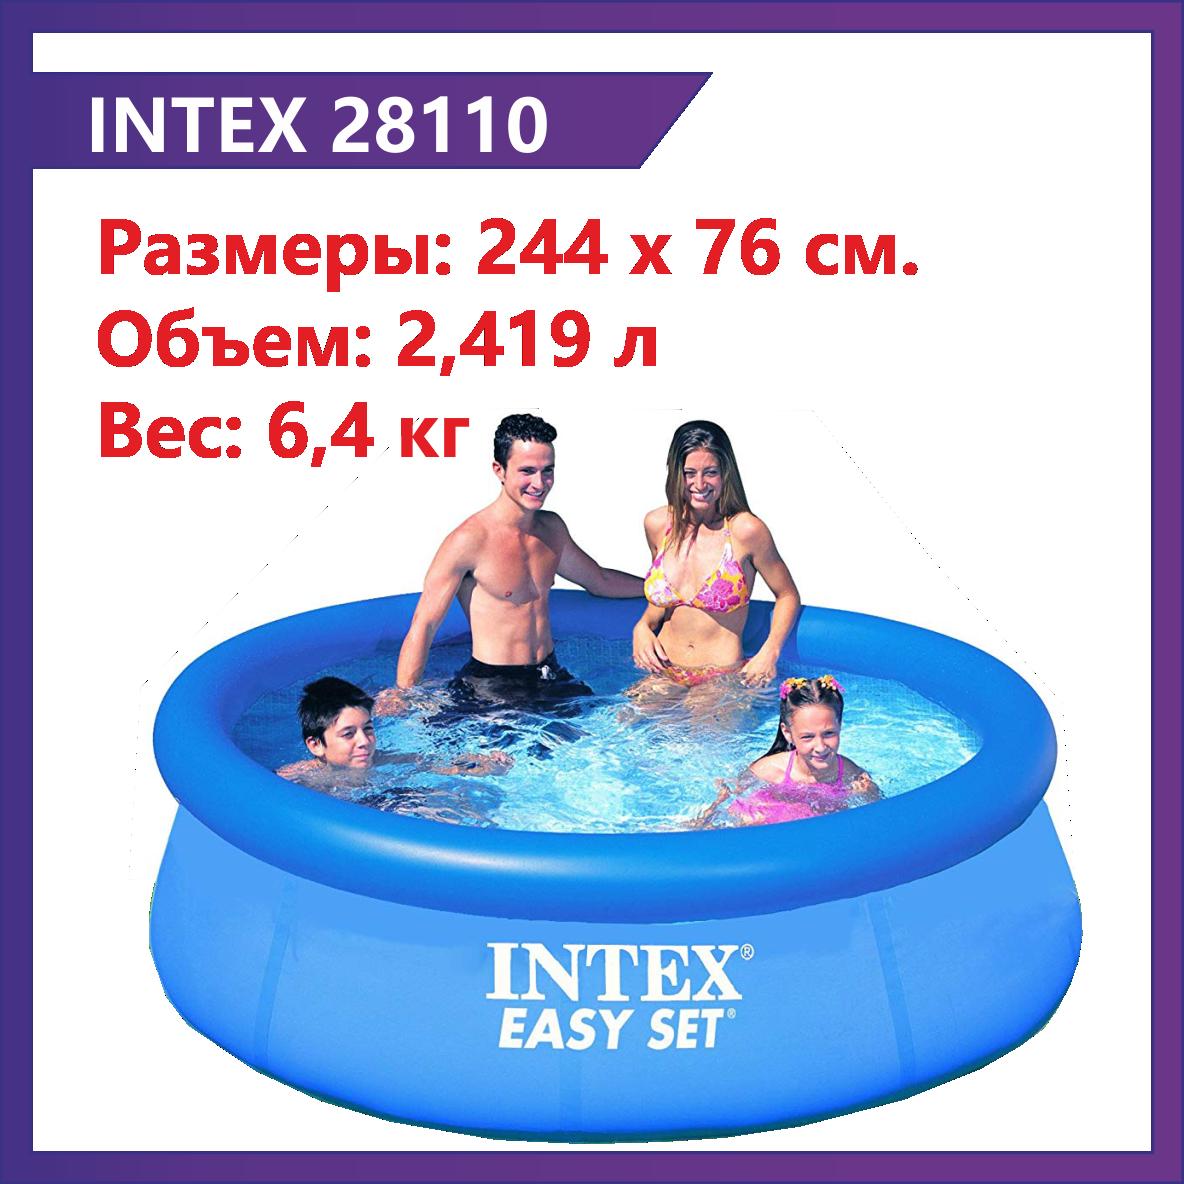 28110 БАССЕЙН INTEX EASY SET 244Х76СМ, 2419Л